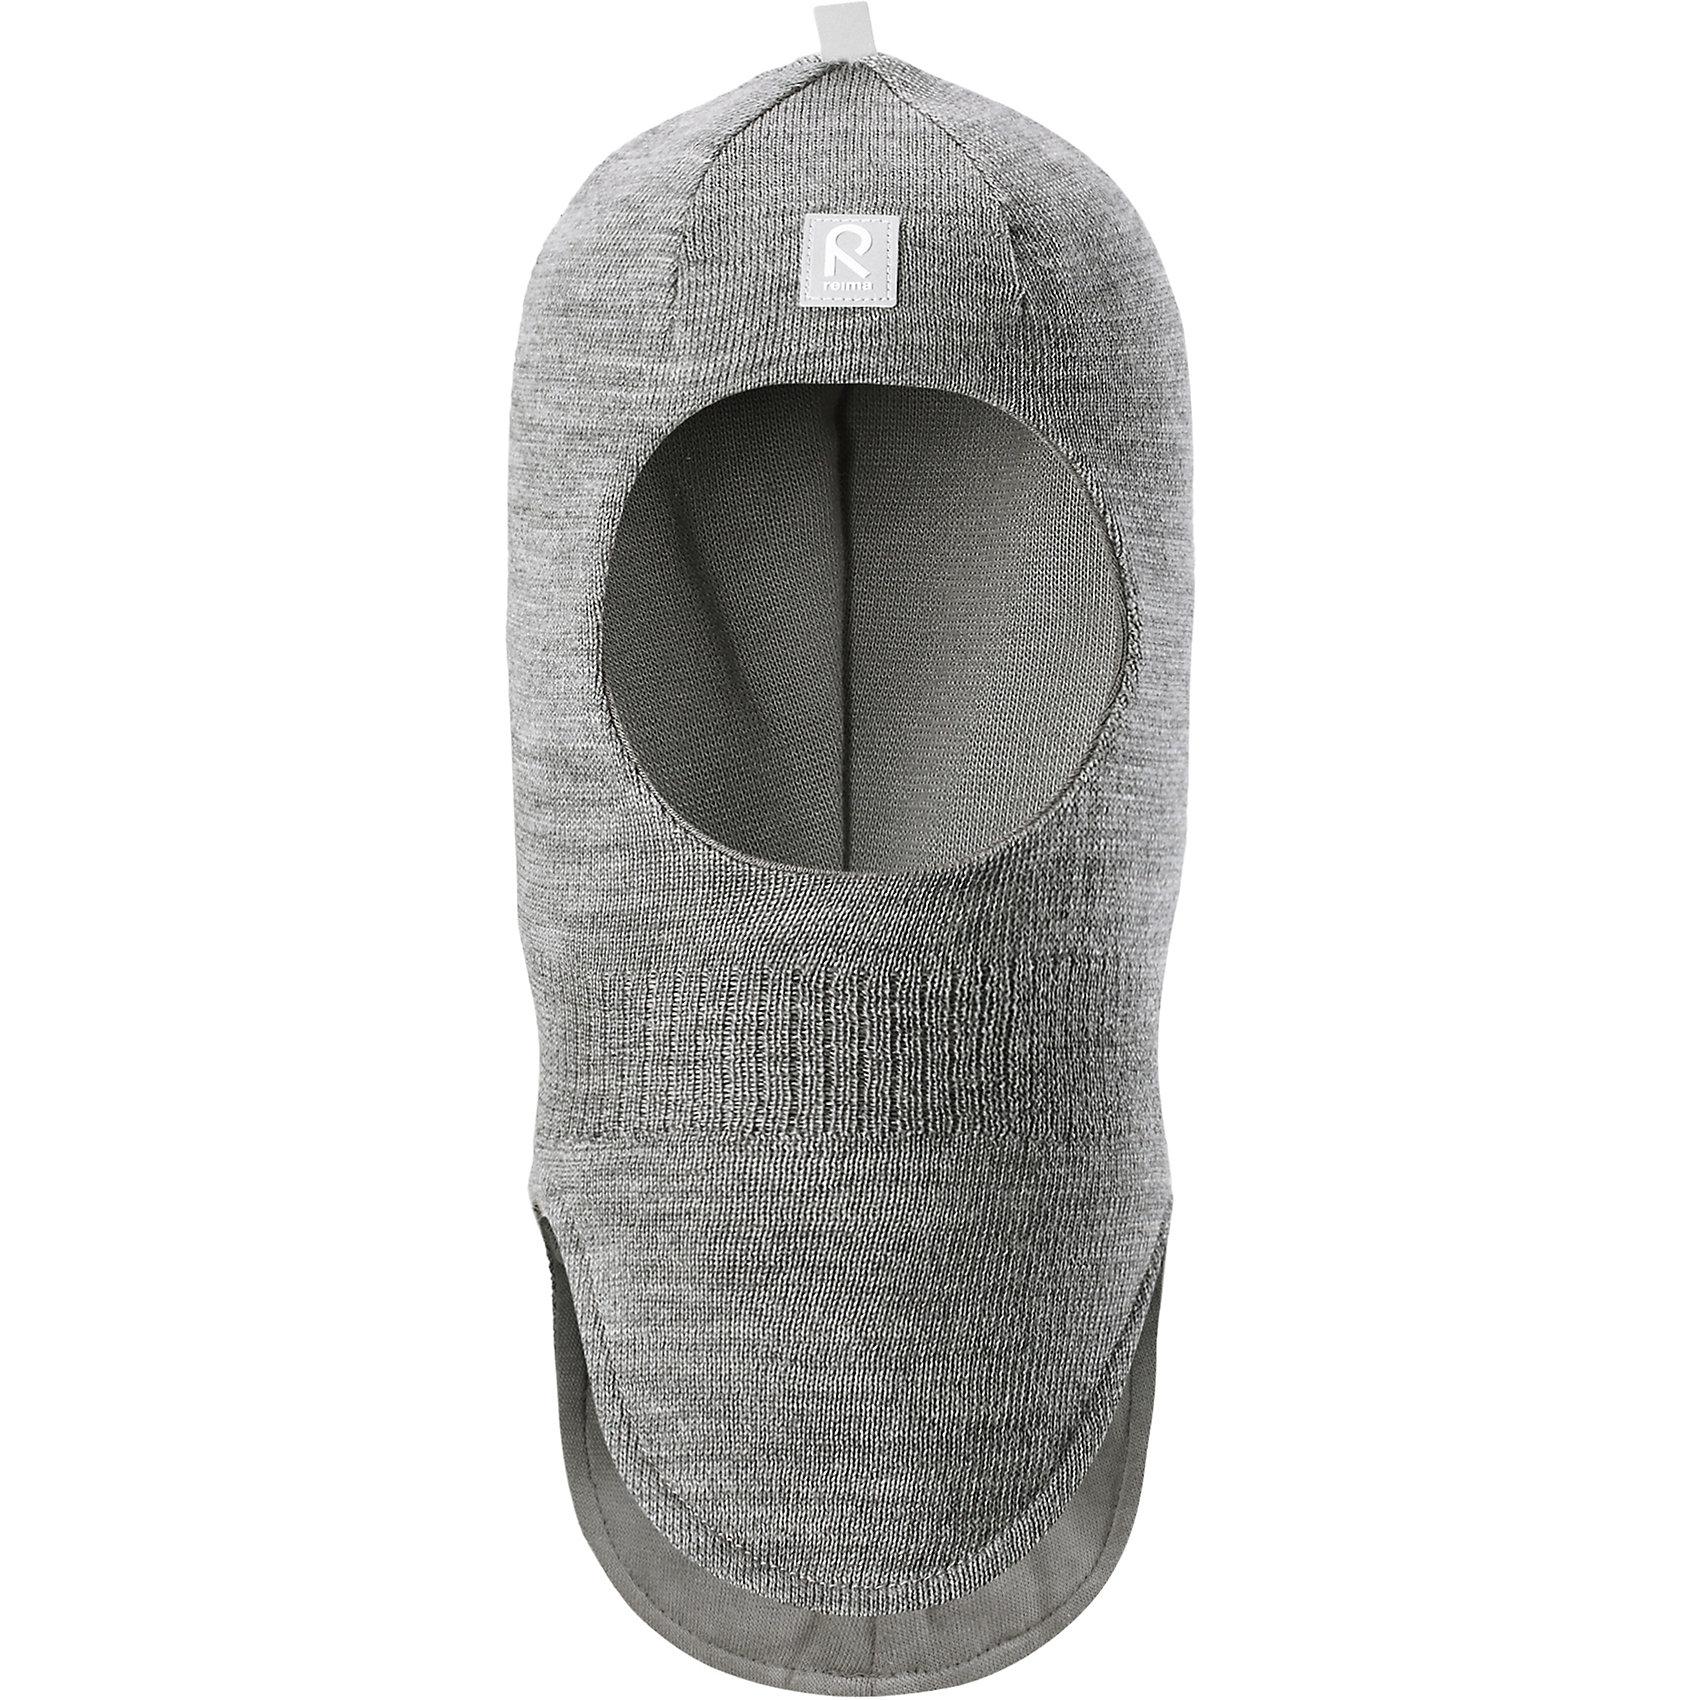 Шапка-шлем Reima StarrieГоловные уборы<br>Характеристики товара:<br><br>• цвет: серый;<br>• состав: 100% шерсть;<br>• подкладка: 97% хлопок, 3% эластан<br>• температурный режим: от 0 до -20С;<br>• сезон: зима; <br>• особенности модели: вязаная, на подкладке;<br>• мягкая ткань из мериносовой шерсти для поддержания идеальной температуры тела;<br>• сплошная подкладка: хлопковый трикотаж с эластаном;<br>• ветронепроницаемые вставки в области ушей;<br>• светоотражающая эмблема;<br>• логотип Reima спереди;<br>• страна бренда: Финляндия;<br>• страна изготовитель: Китай.<br><br>Вязаная шапка-шлем из коллекции Reima® Originals защищает голову малыша в холодную пору. Эта шапка-шлем для малышей и детей постарше связана из теплой шерсти и подшита мягкой на ощупь подкладкой из смеси хлопка и эластана, которая удобно облегает голову.<br><br>Ветронепроницаемые вставки в области ушей, вшитые между подкладкой и верхним слоем, защищают ушки от холодного ветра. Эта классическая модель хорошо закрывает лоб, щечки и шею. <br><br>Шапка-шлем Reima Starrie от финского бренда Reima (Рейма) можно купить в нашем интернет-магазине.<br><br>Ширина мм: 89<br>Глубина мм: 117<br>Высота мм: 44<br>Вес г: 155<br>Цвет: серый<br>Возраст от месяцев: 9<br>Возраст до месяцев: 12<br>Пол: Унисекс<br>Возраст: Детский<br>Размер: 46,54,48,50,52<br>SKU: 6907006